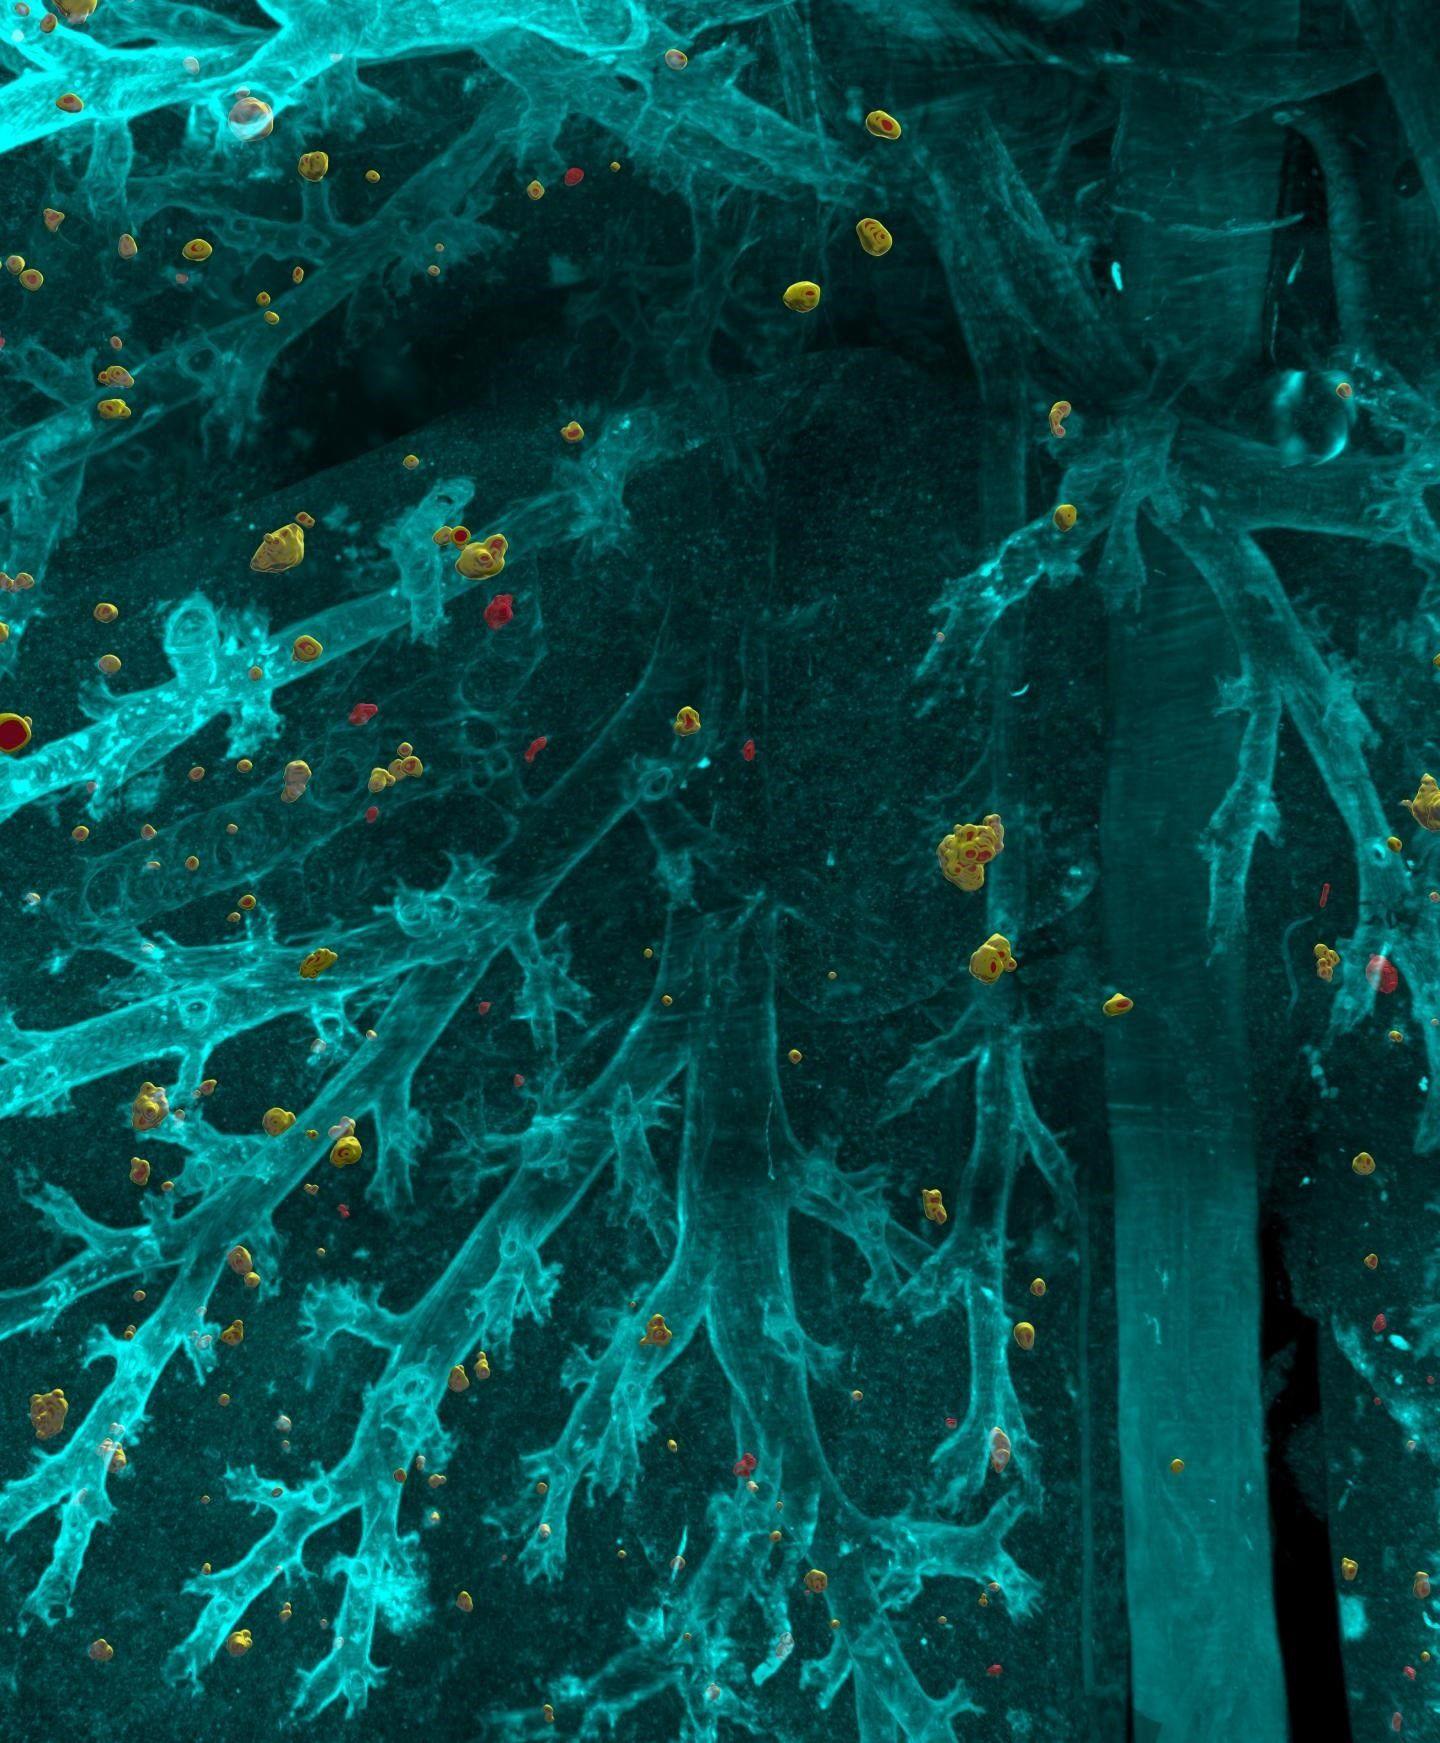 12/12/2019 Células cancerígenas individuales diseminadas que se extienden a través del pulmón. SALUD HELMHOLTZ ZENTRUM MÜNCHEN